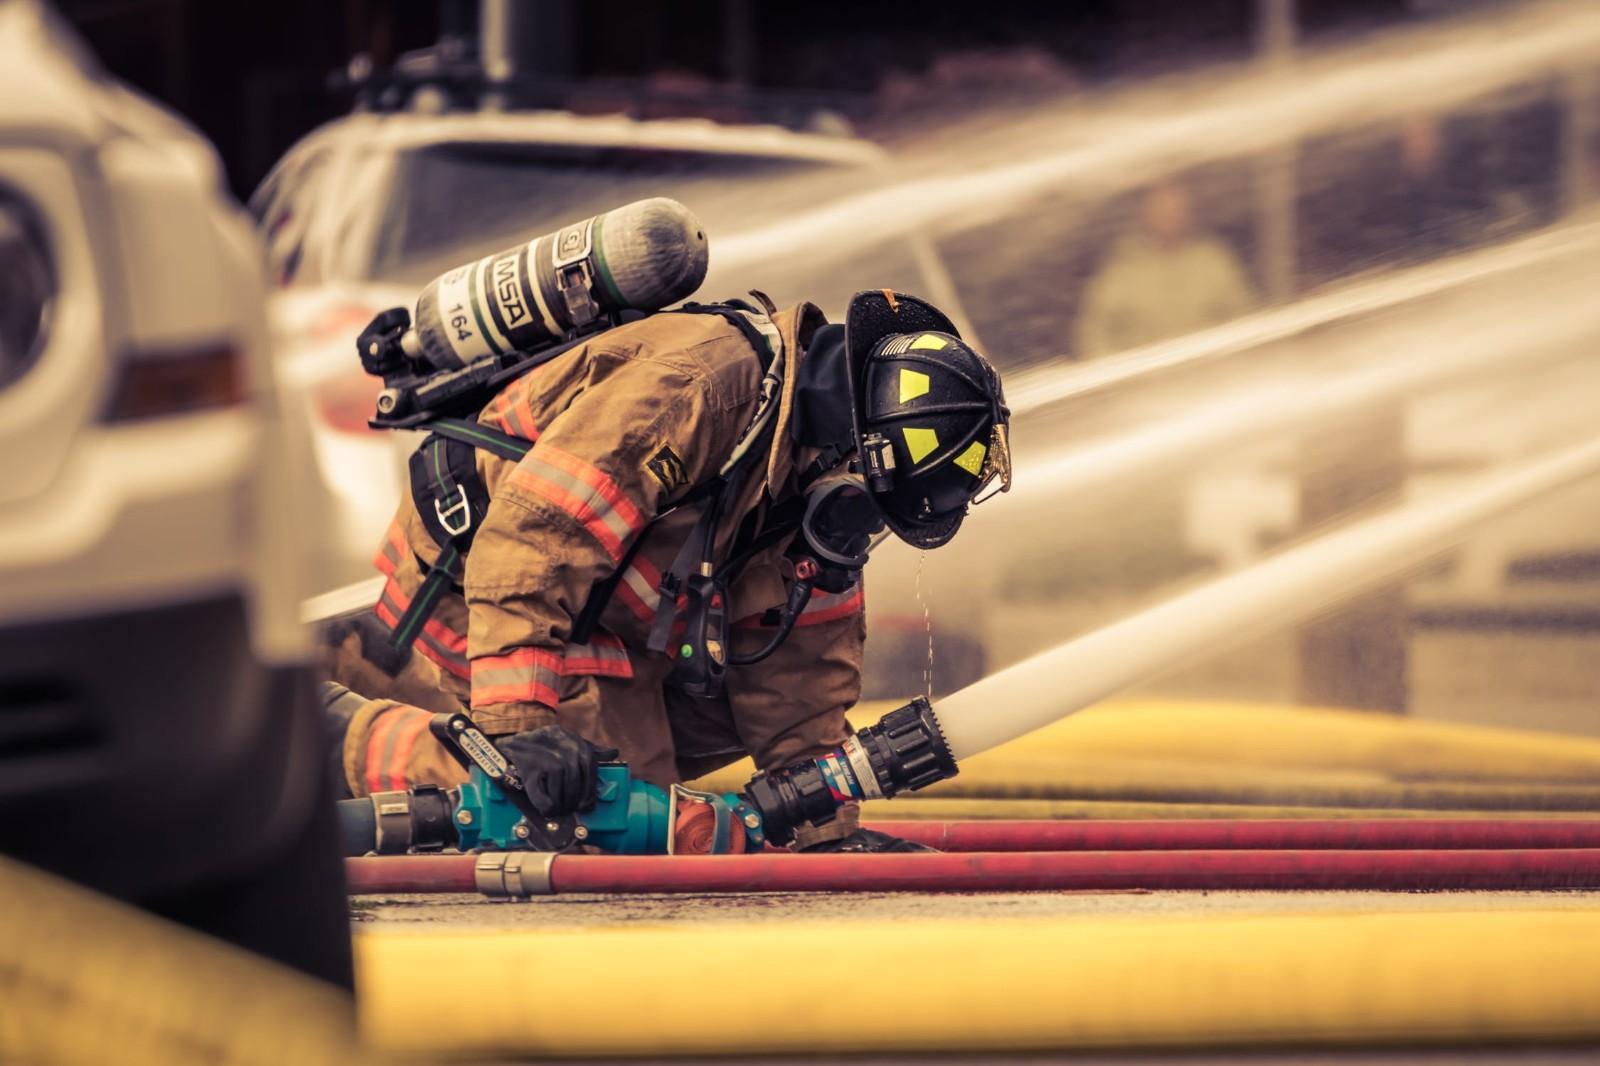 合肥消防工程师证好考吗(考消防工程师需要什么文化程度)